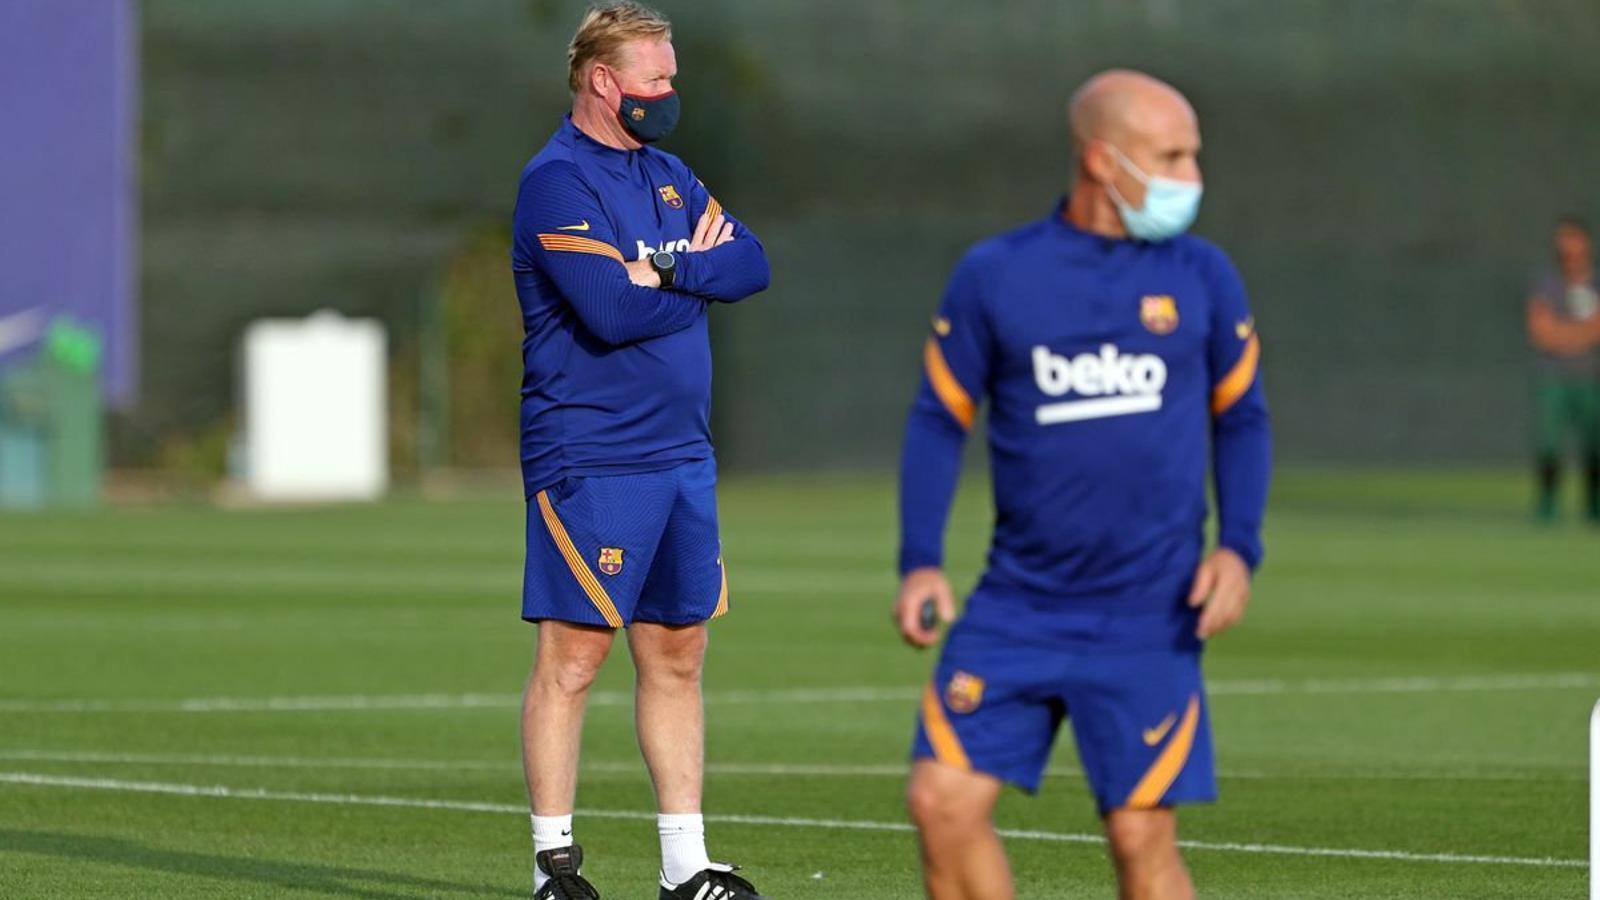 L'entrenador del Barça, Ronald Koeman, haurà de fer rotacions després que 13 jugadors del seu equip hagin estat amb les seves seleccions.